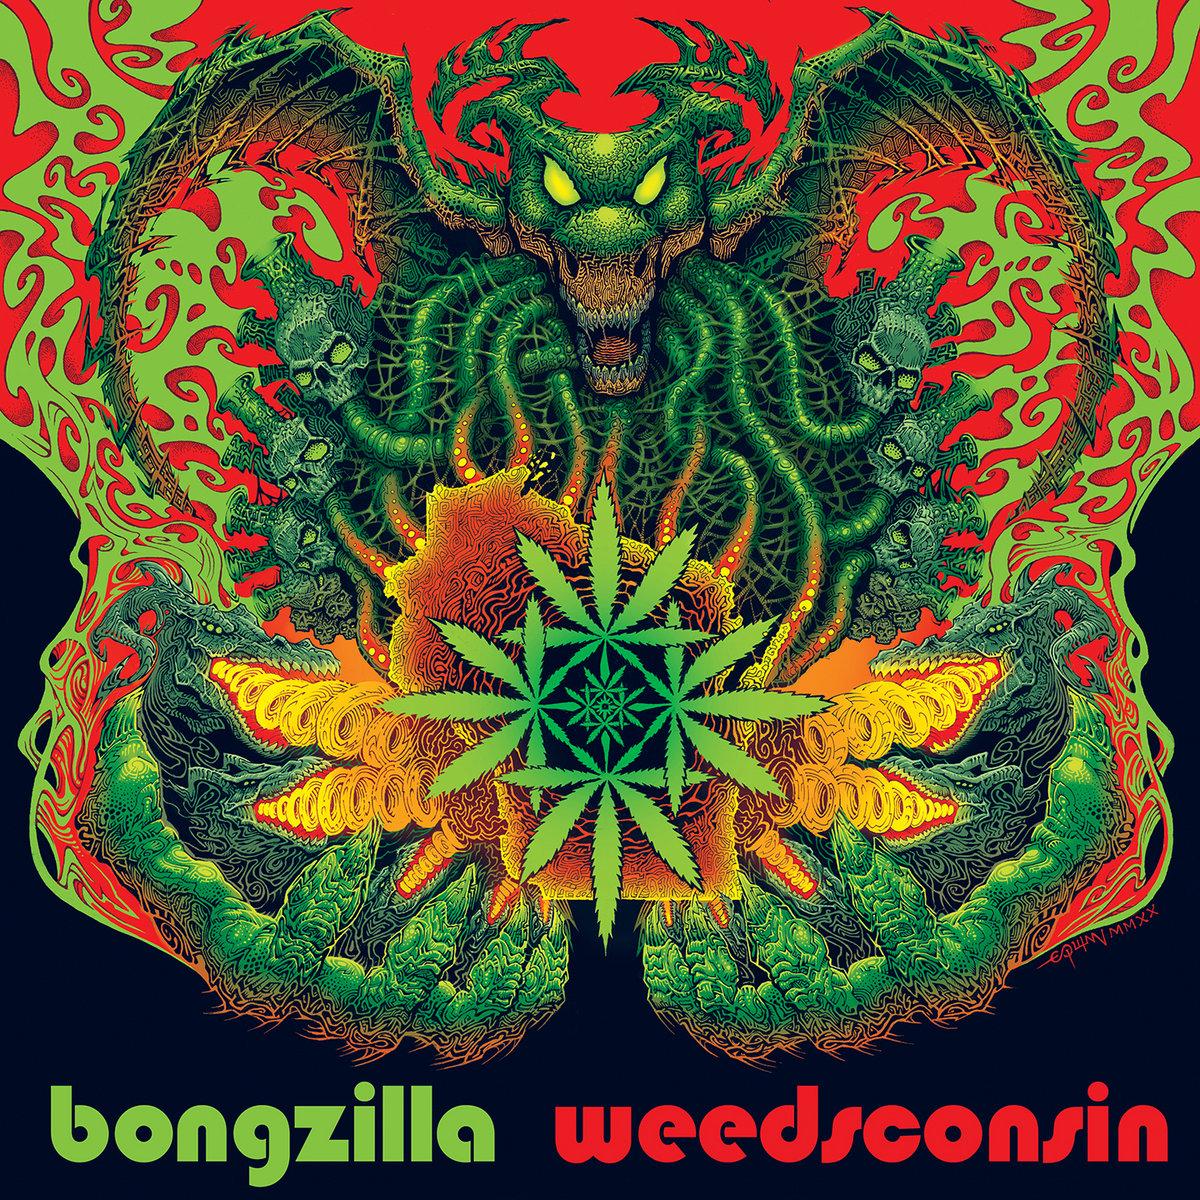 Reseña: BONGZILLA.- 'Weedsconsin'